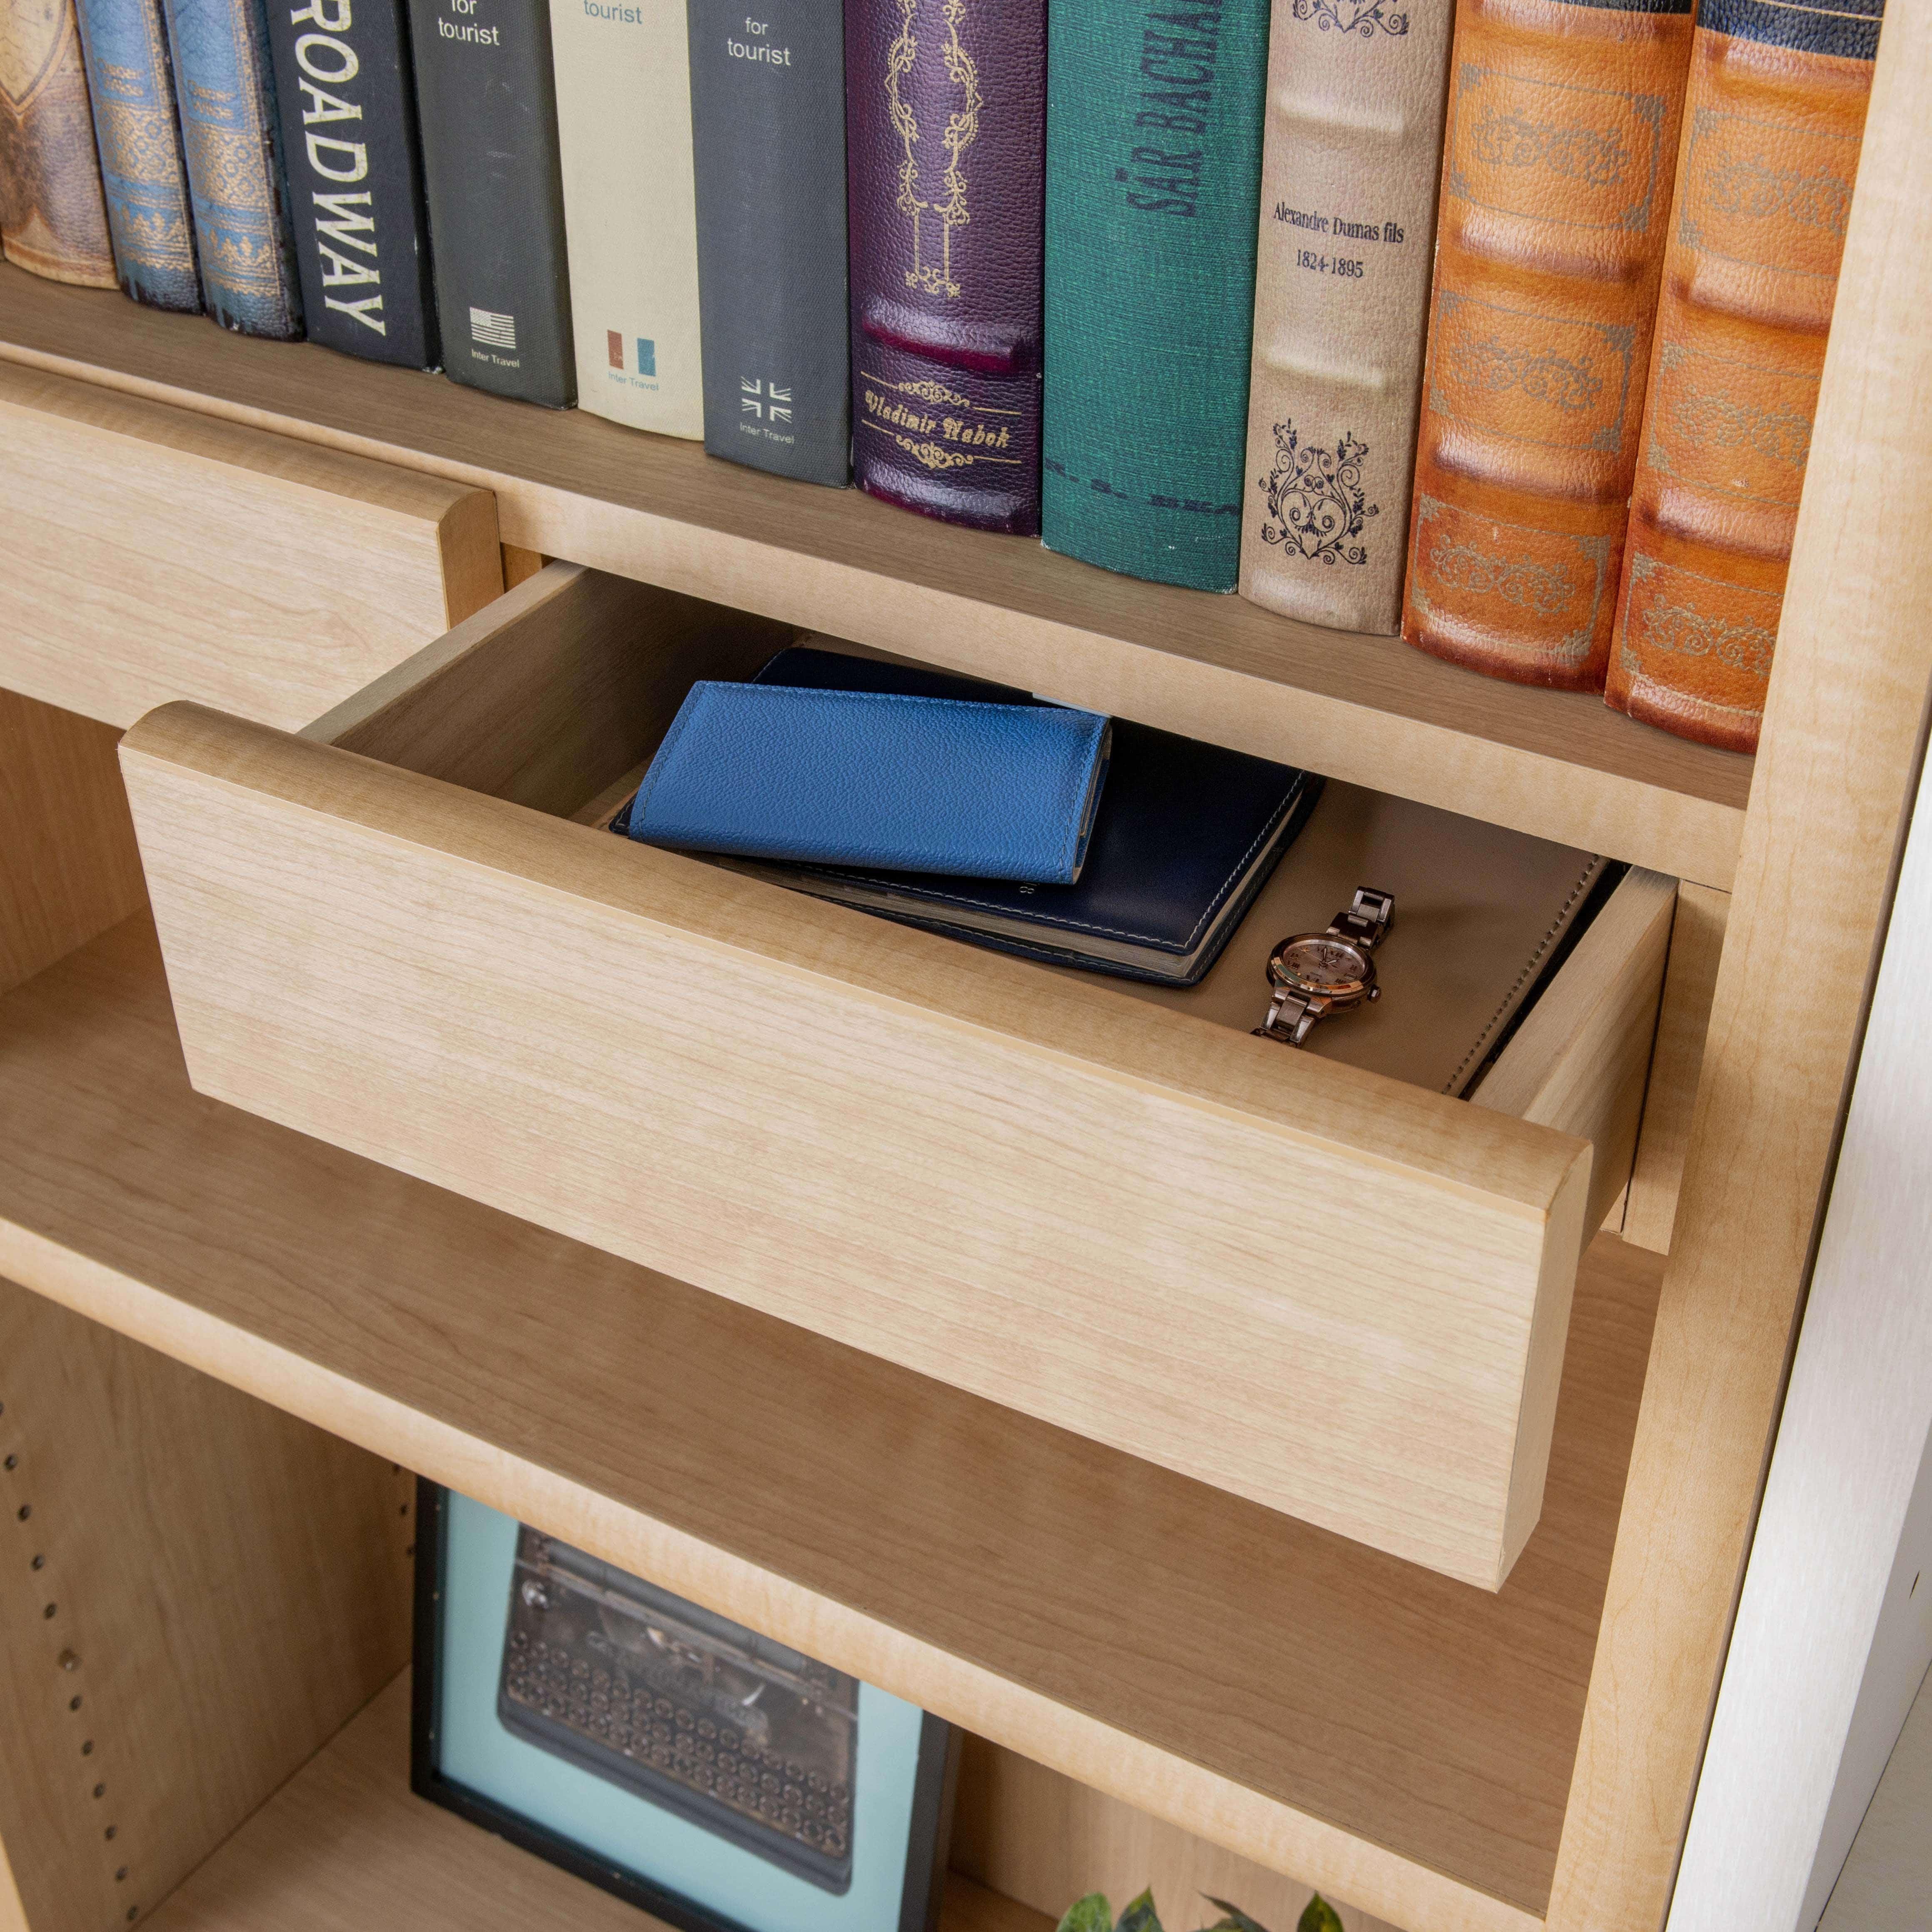 小島工芸 書棚 アコード100H(チェリーナチュラル):収納の幅を広げるオプション引き出し